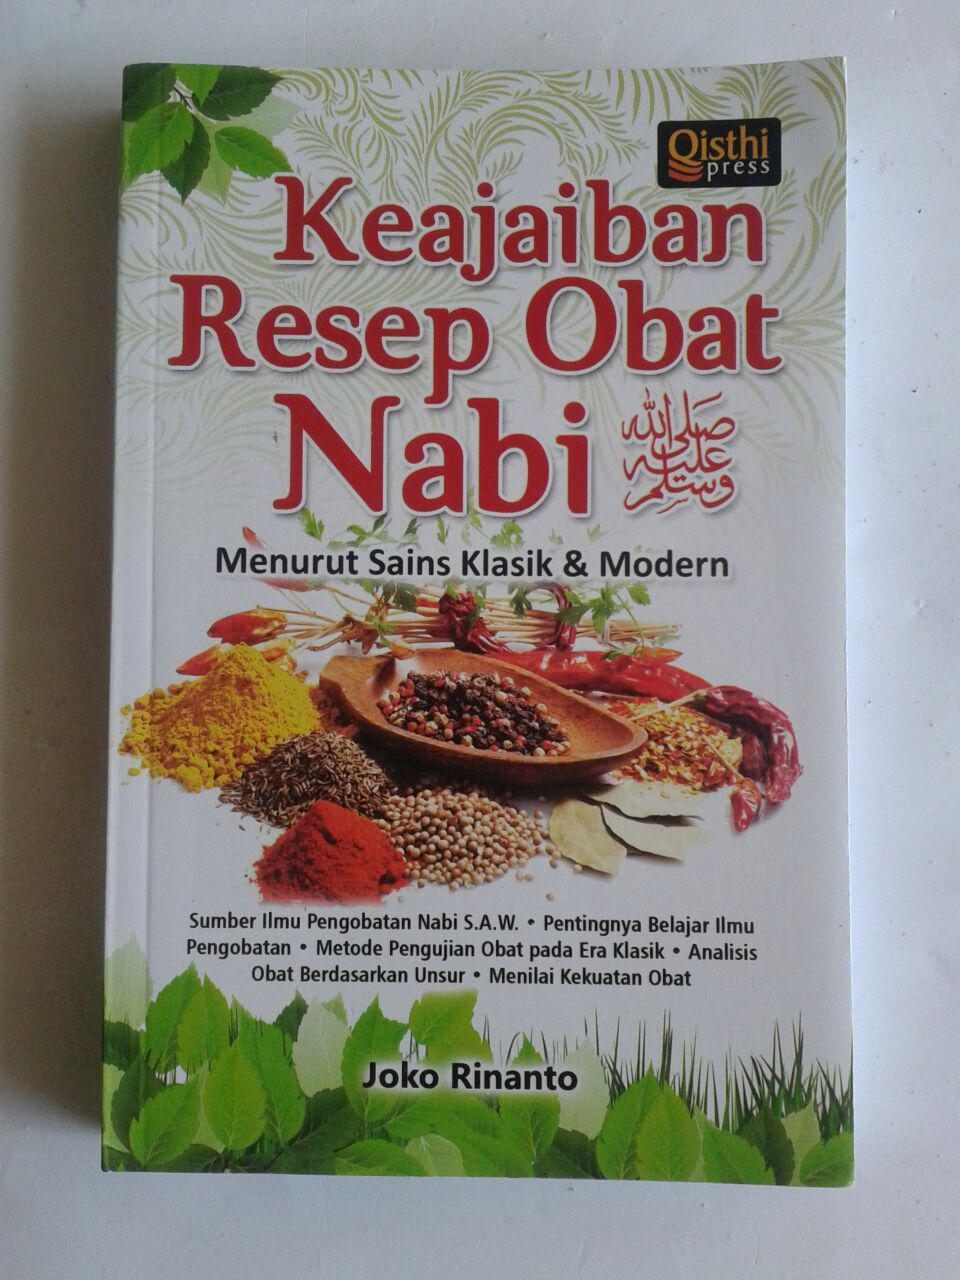 Buku Keajaiban Resep Obat Nabi Menurut Sains Klasik Dan Modern cover 2